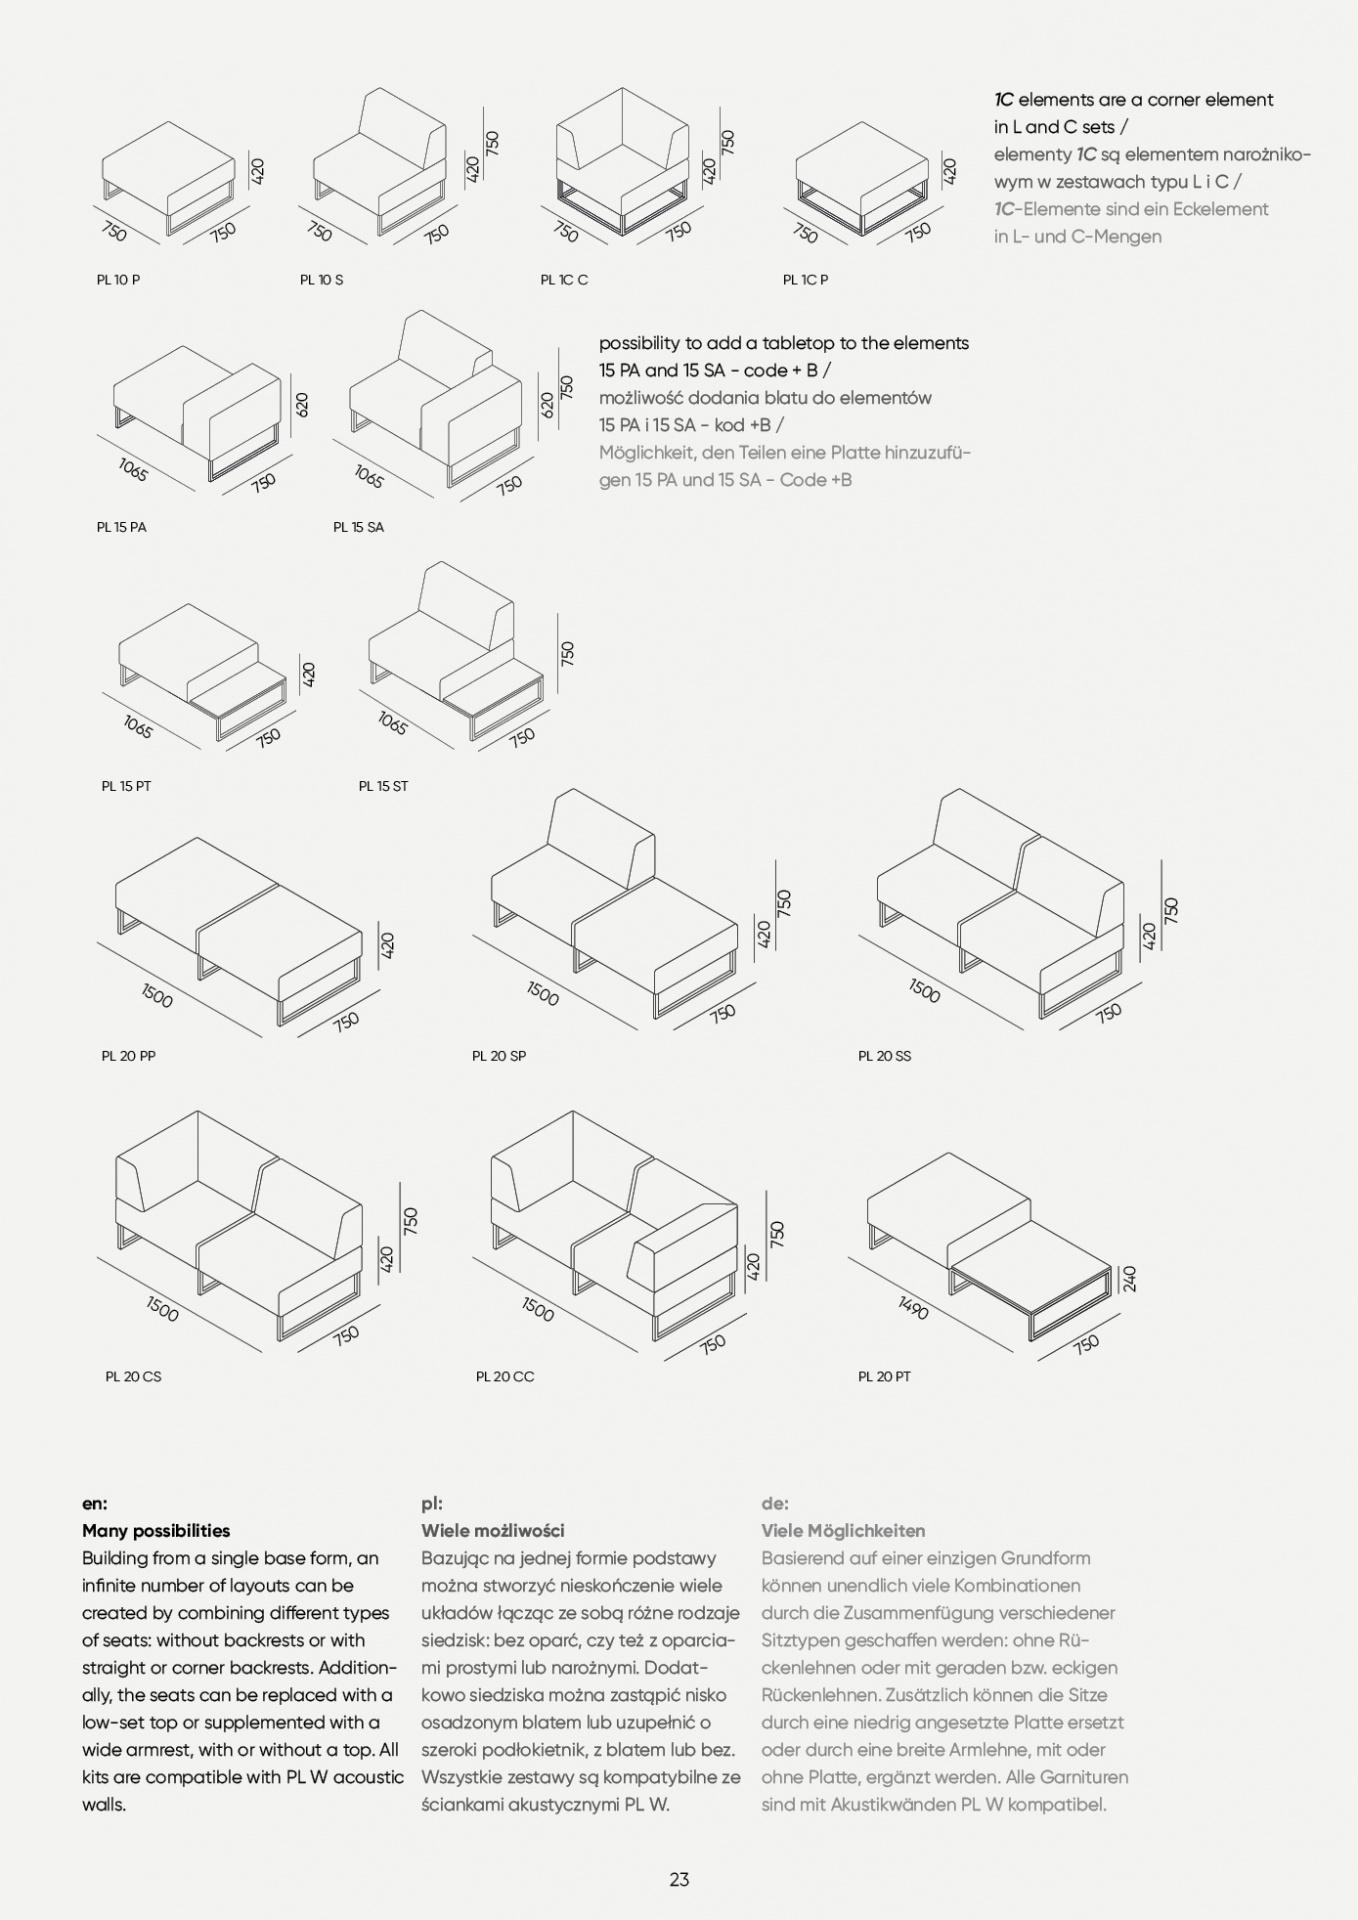 plint-catalogue-v2-23.jpg